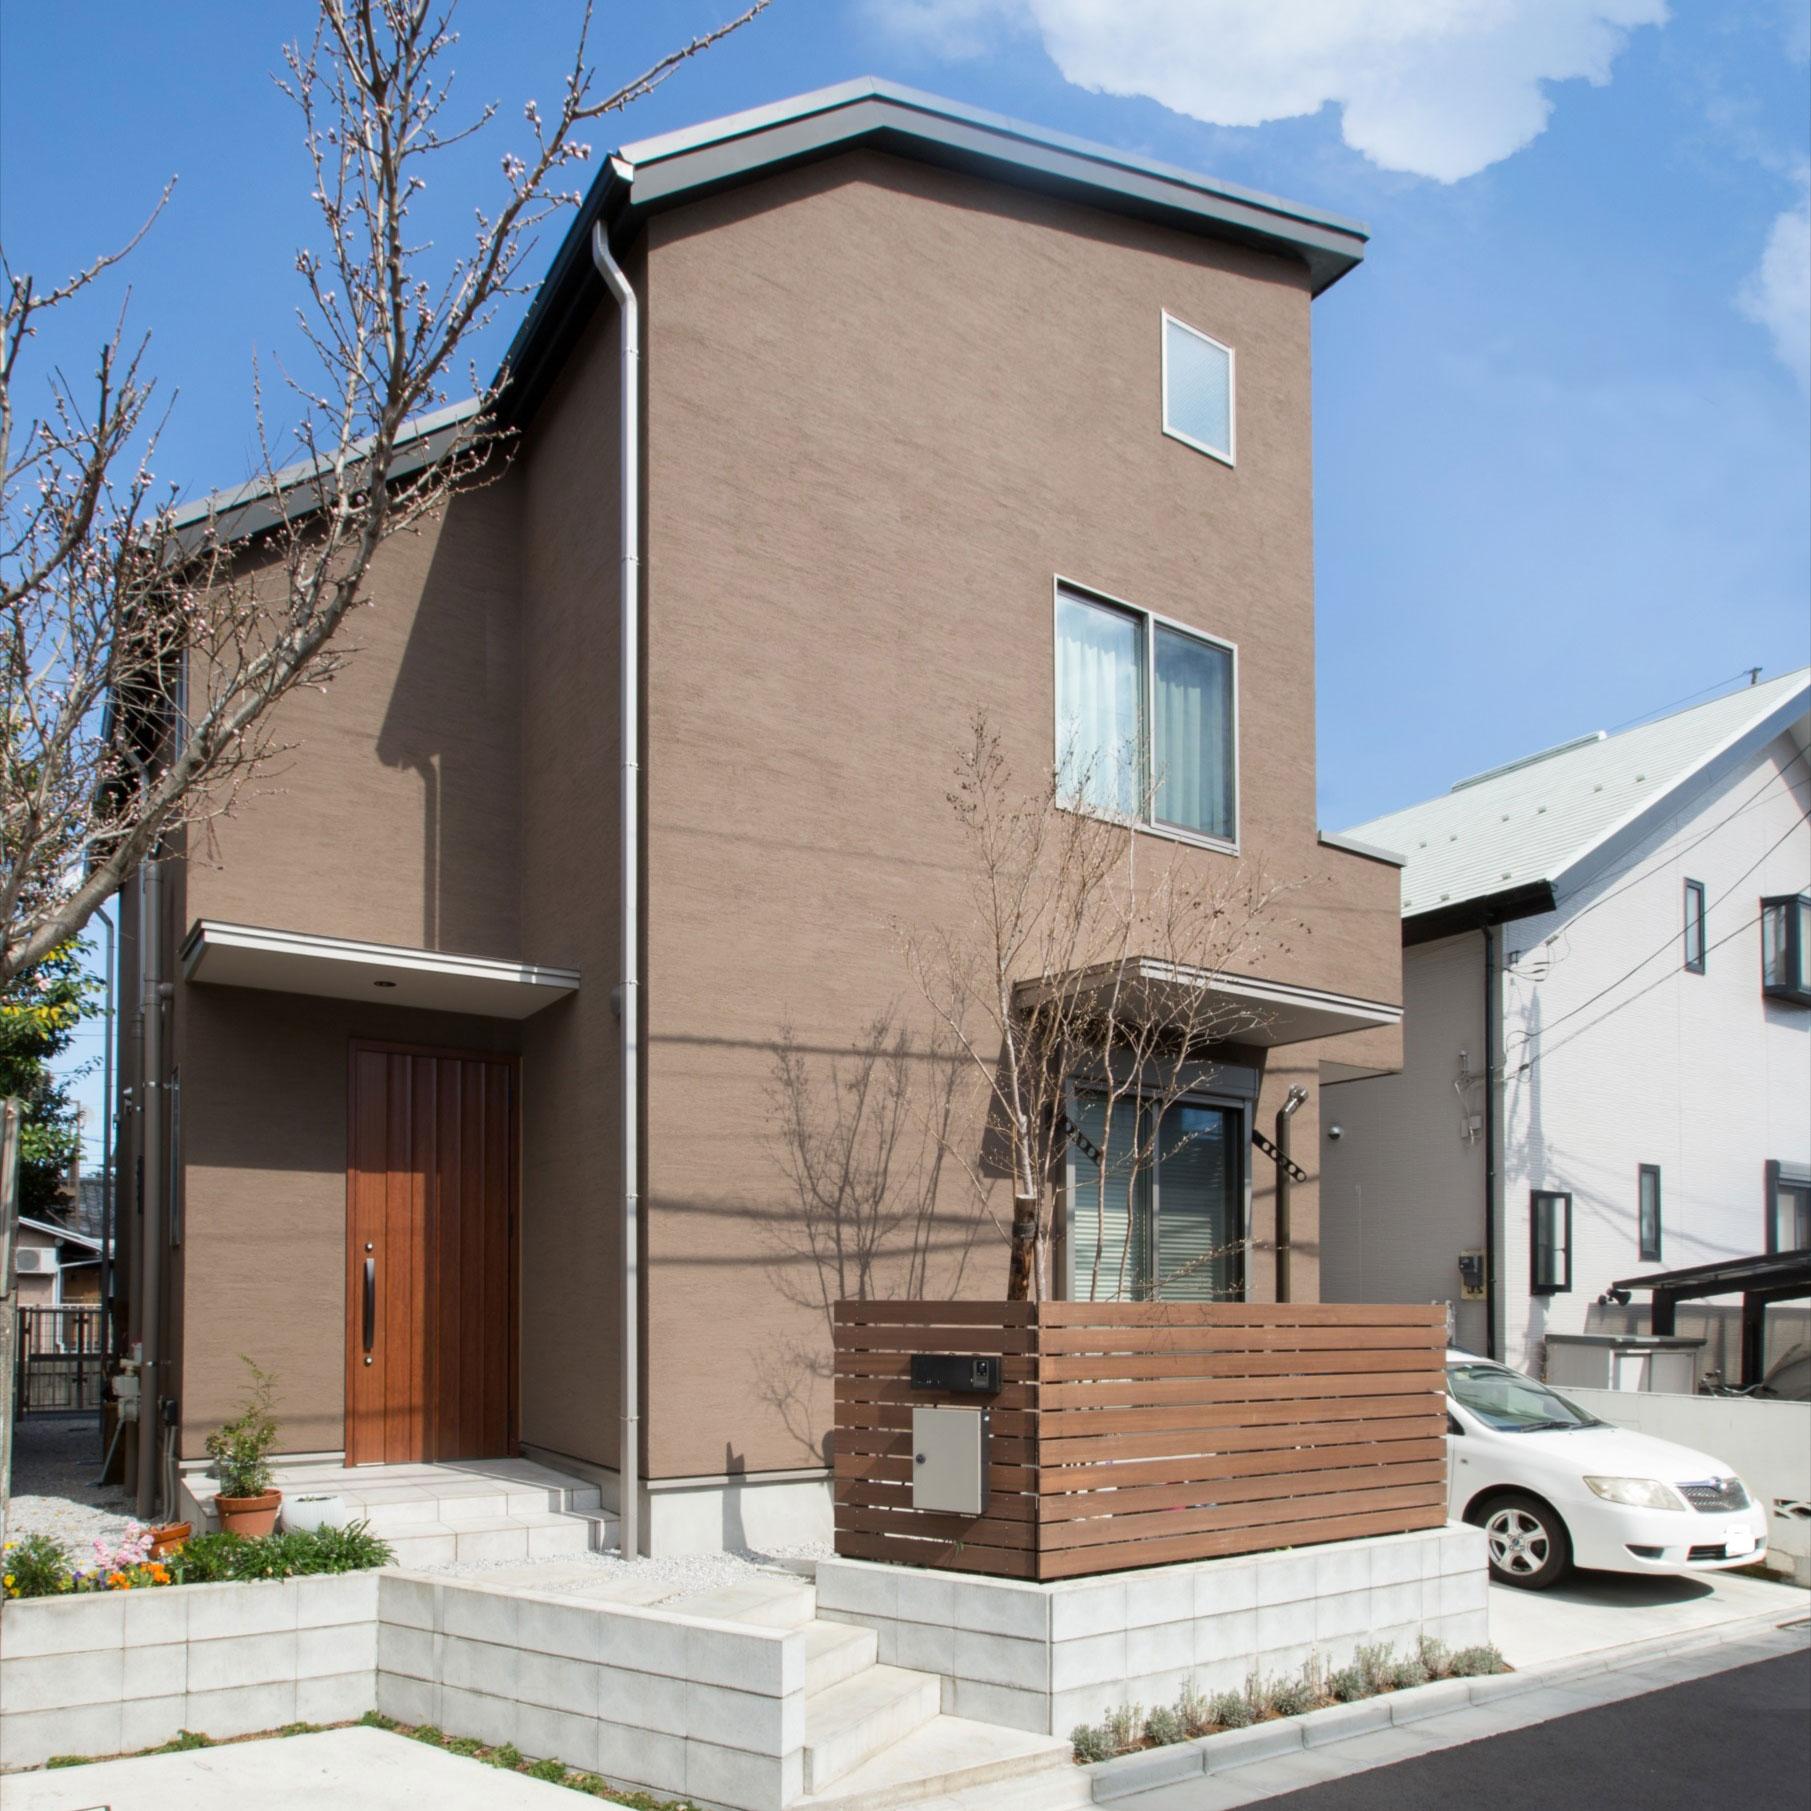 部分共有型二世帯住宅に生まれ変わった家